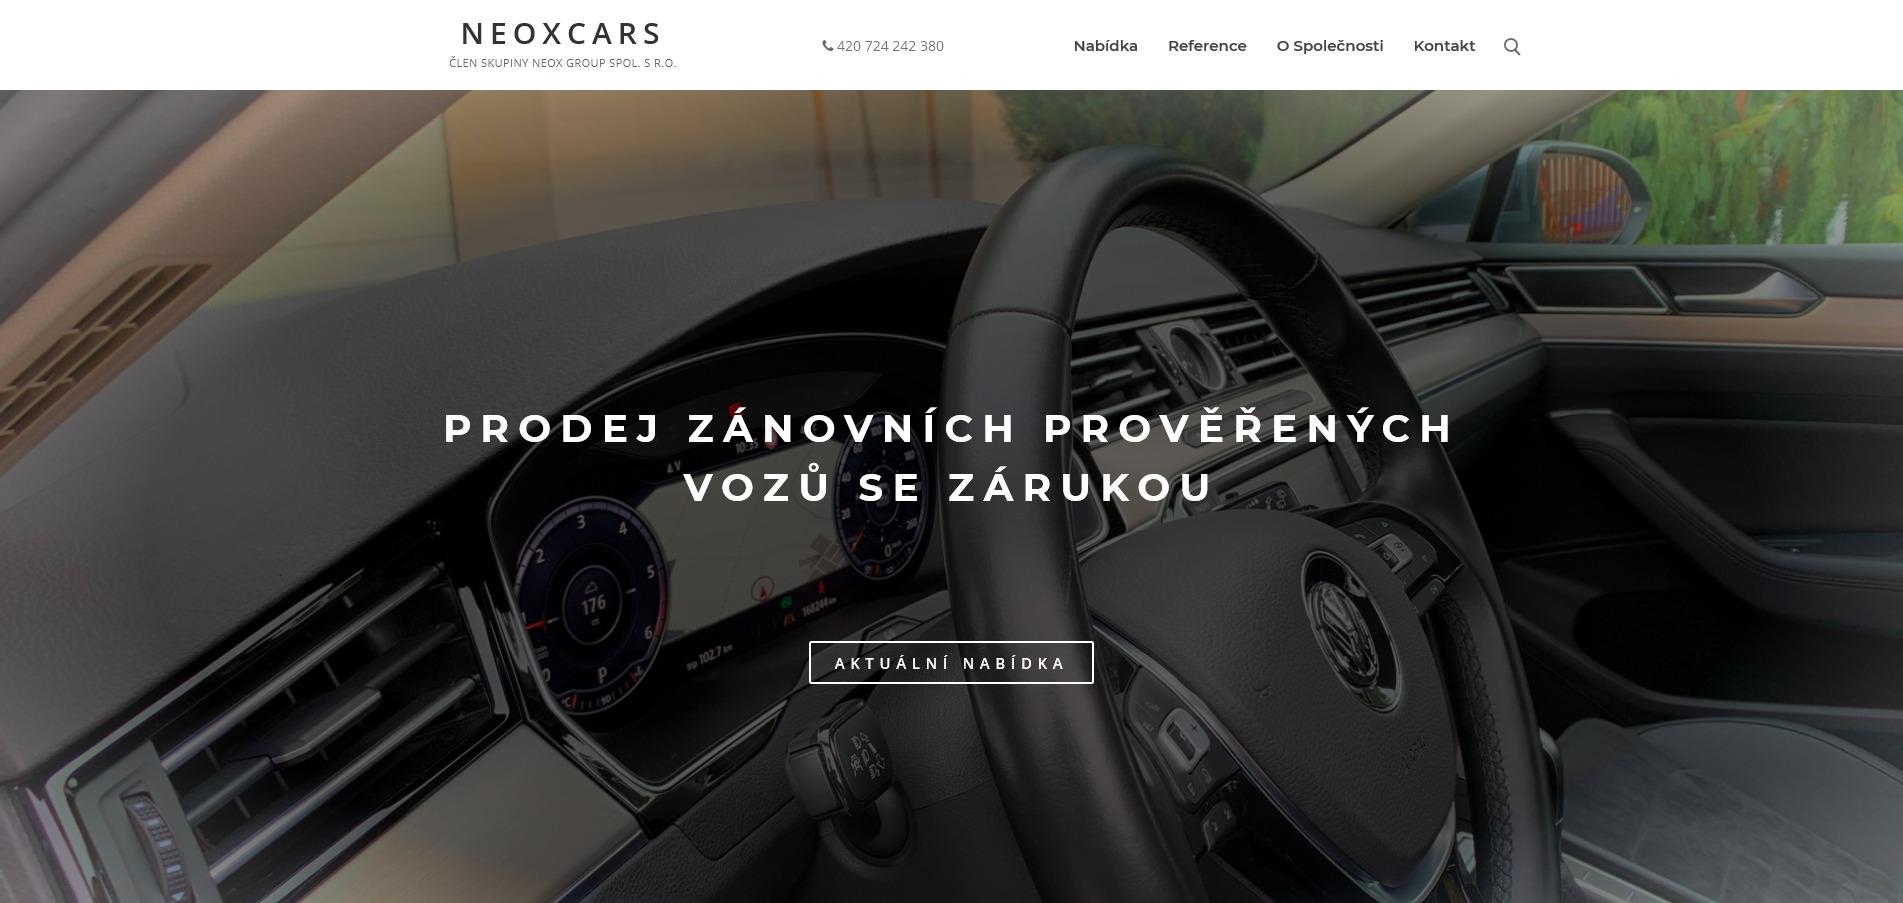 NeoxCars